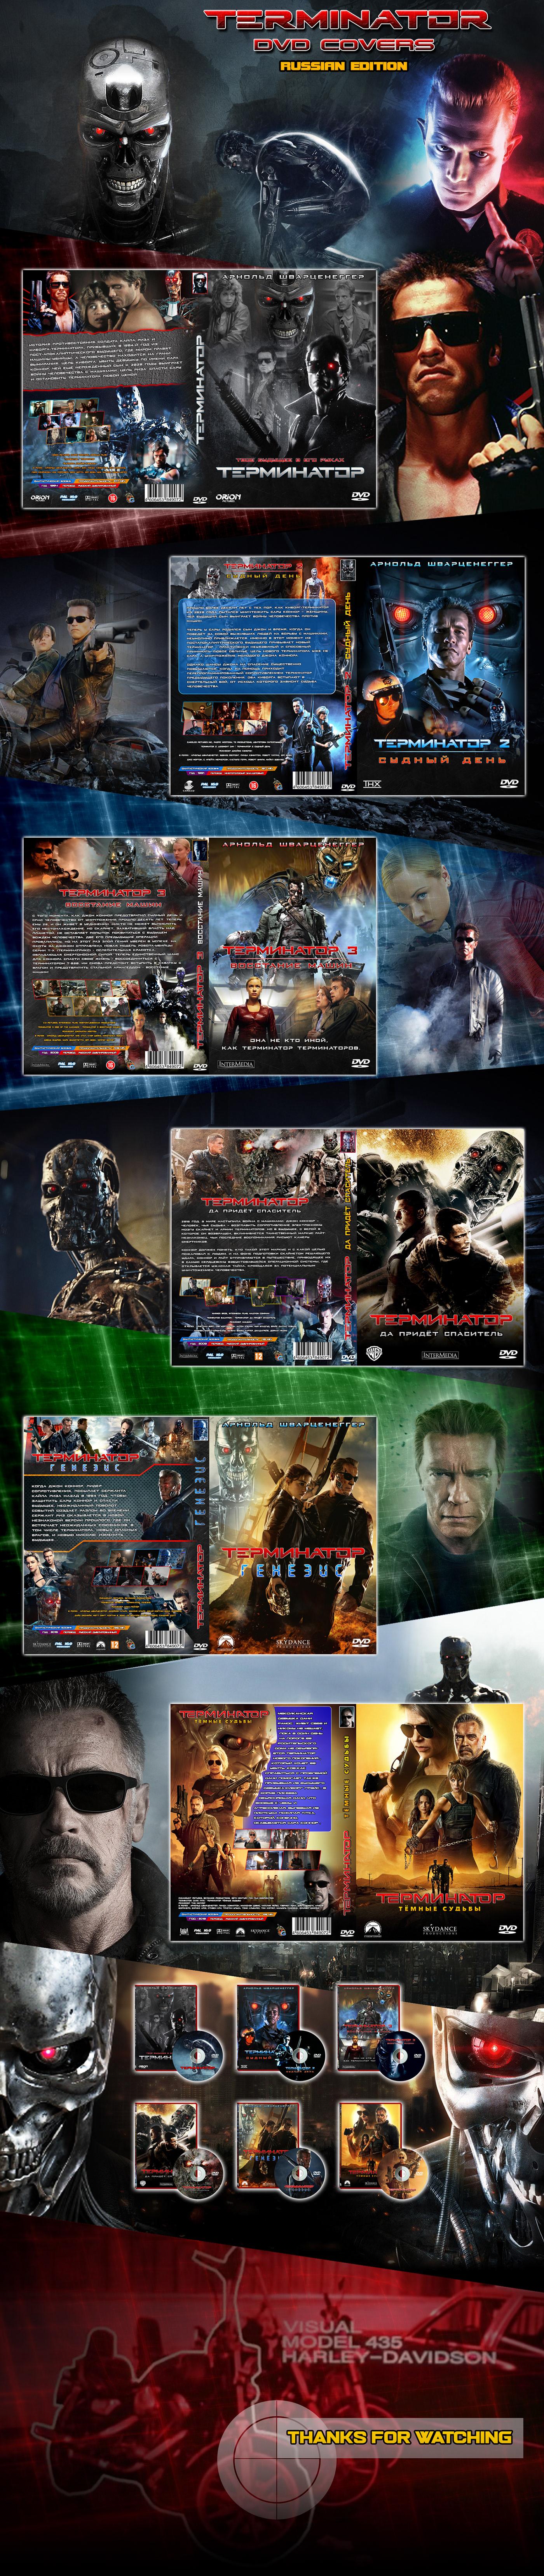 dvd covers terminator genesys Dark Fate mashines